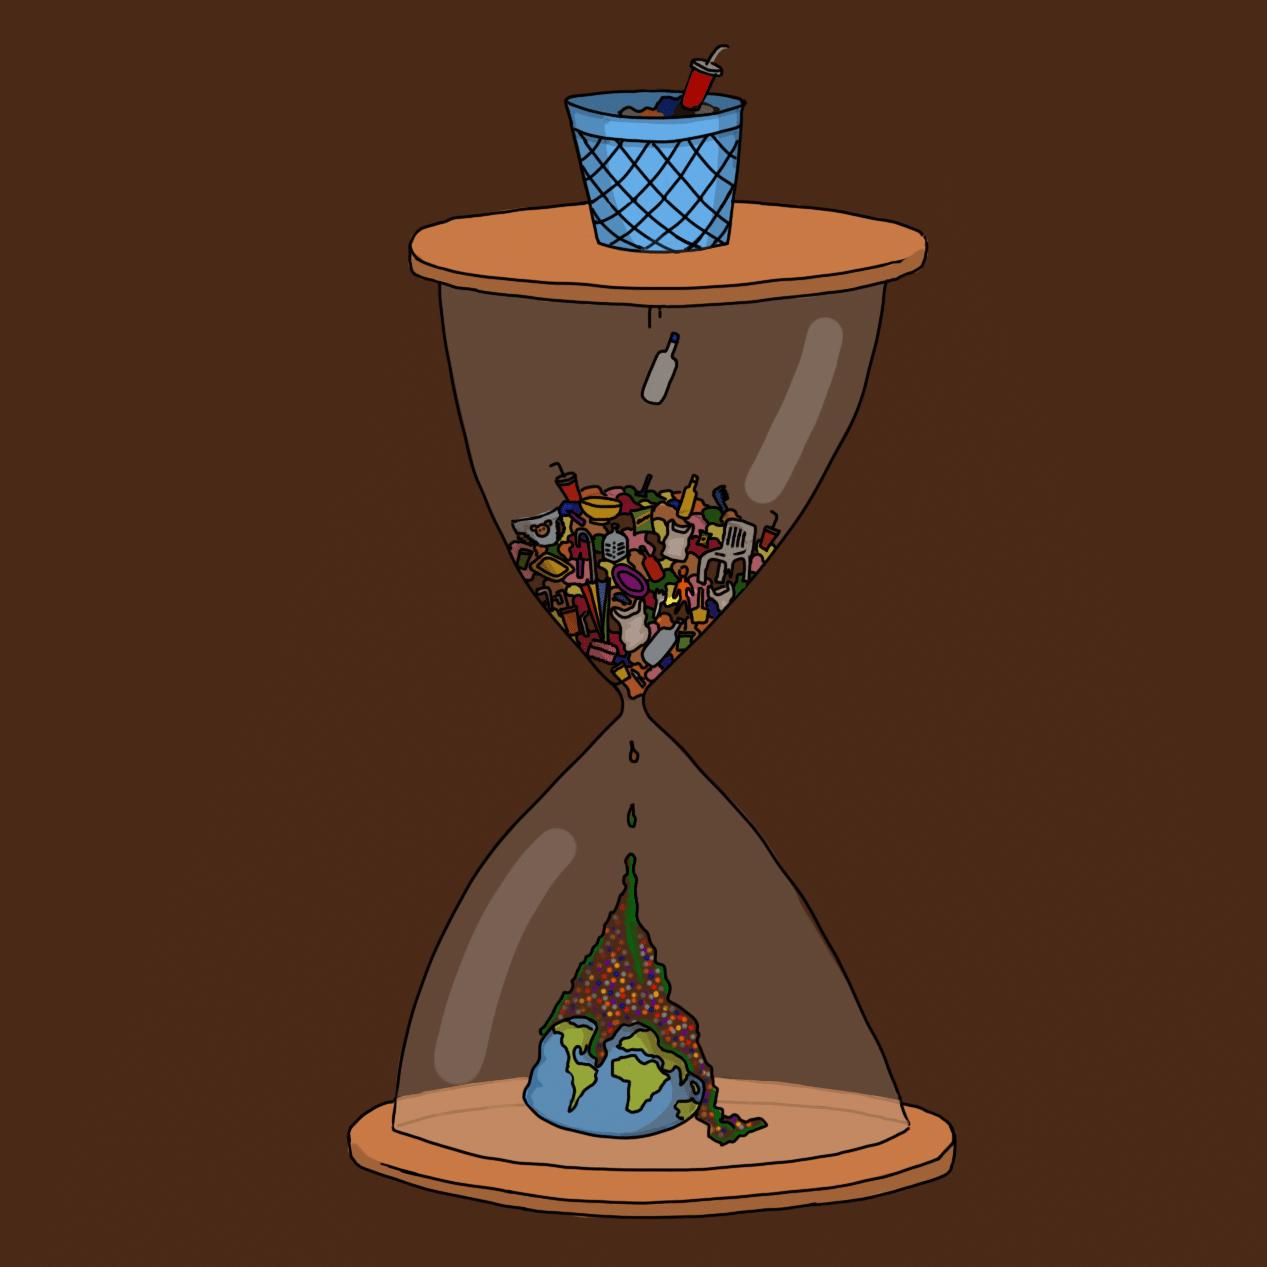 Ilustración. Hay un reloj de arena que arriba tiene una papelera. Lo que entra en la papelera se acumula en la parte de arriba del reloj y al caer va destruyendo al planeta, que está en la parte de abajo.